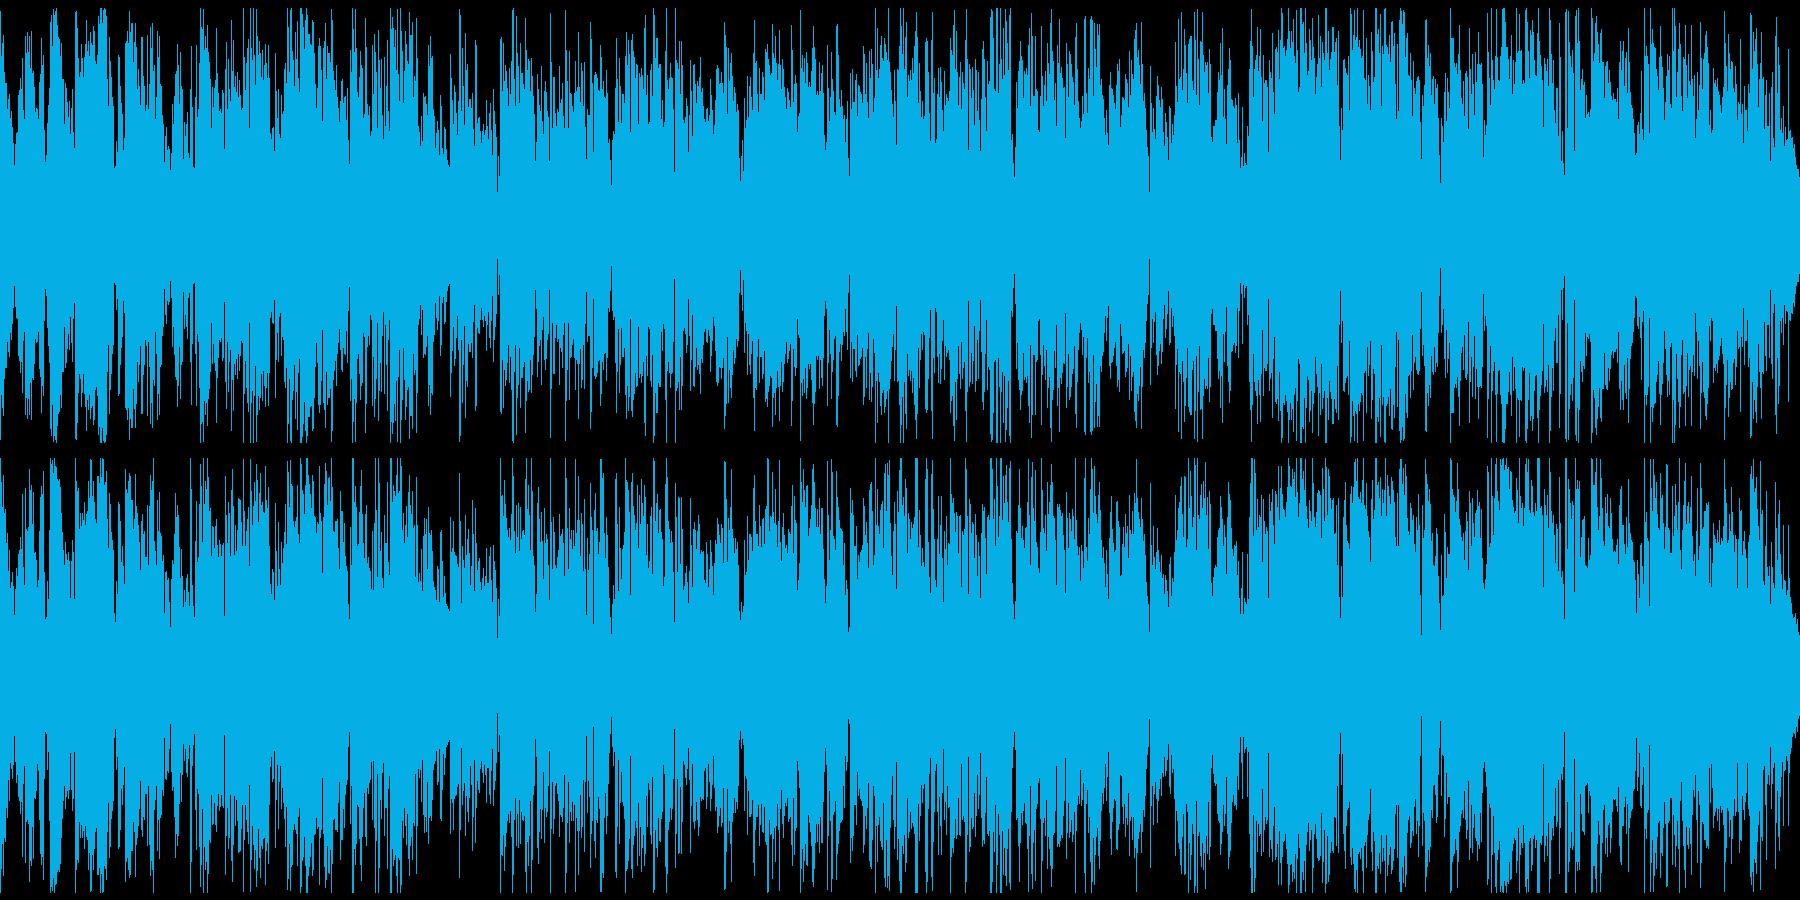 テンポ早め、わくわくするジャズ※ループ版の再生済みの波形